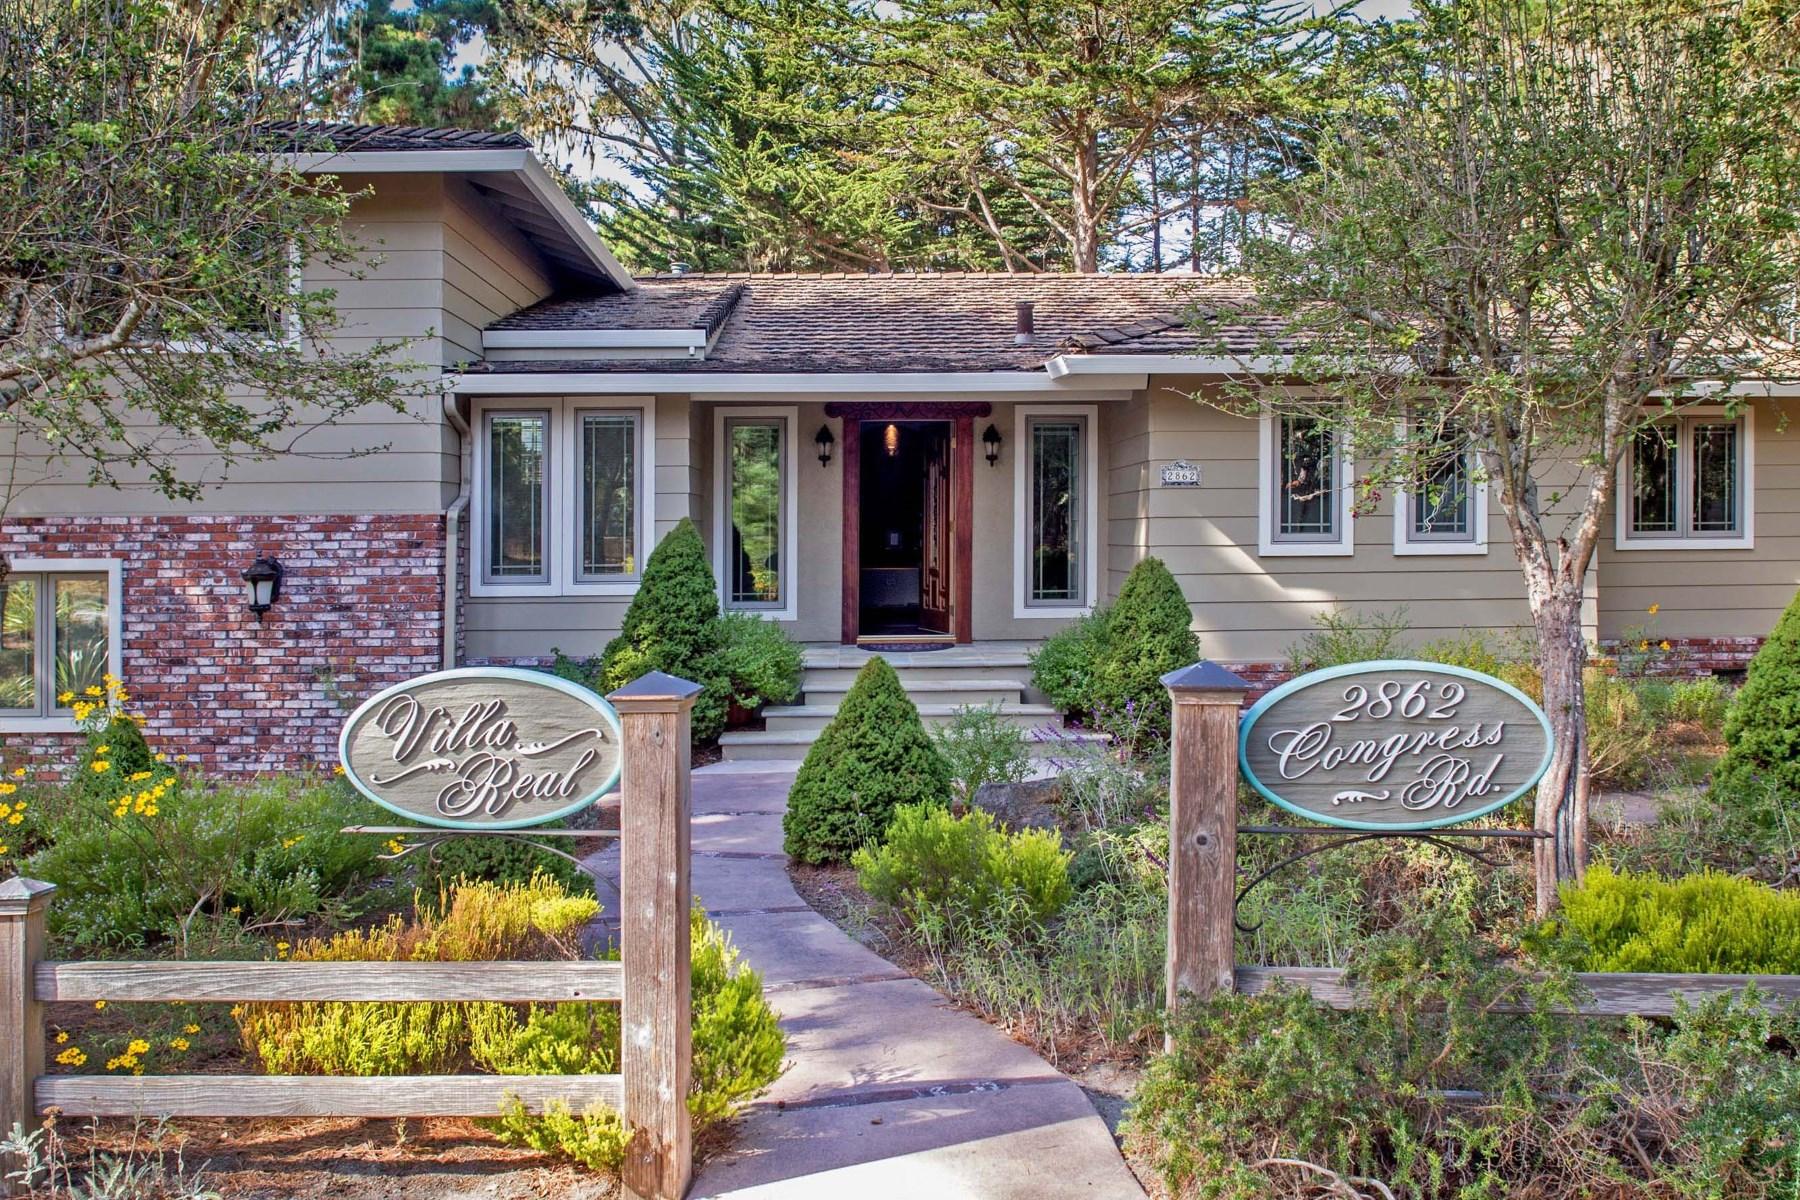 Villa per Vendita alle ore 2862 Congress Road, Pebble Beach Pebble Beach, California, 93953 Stati Uniti